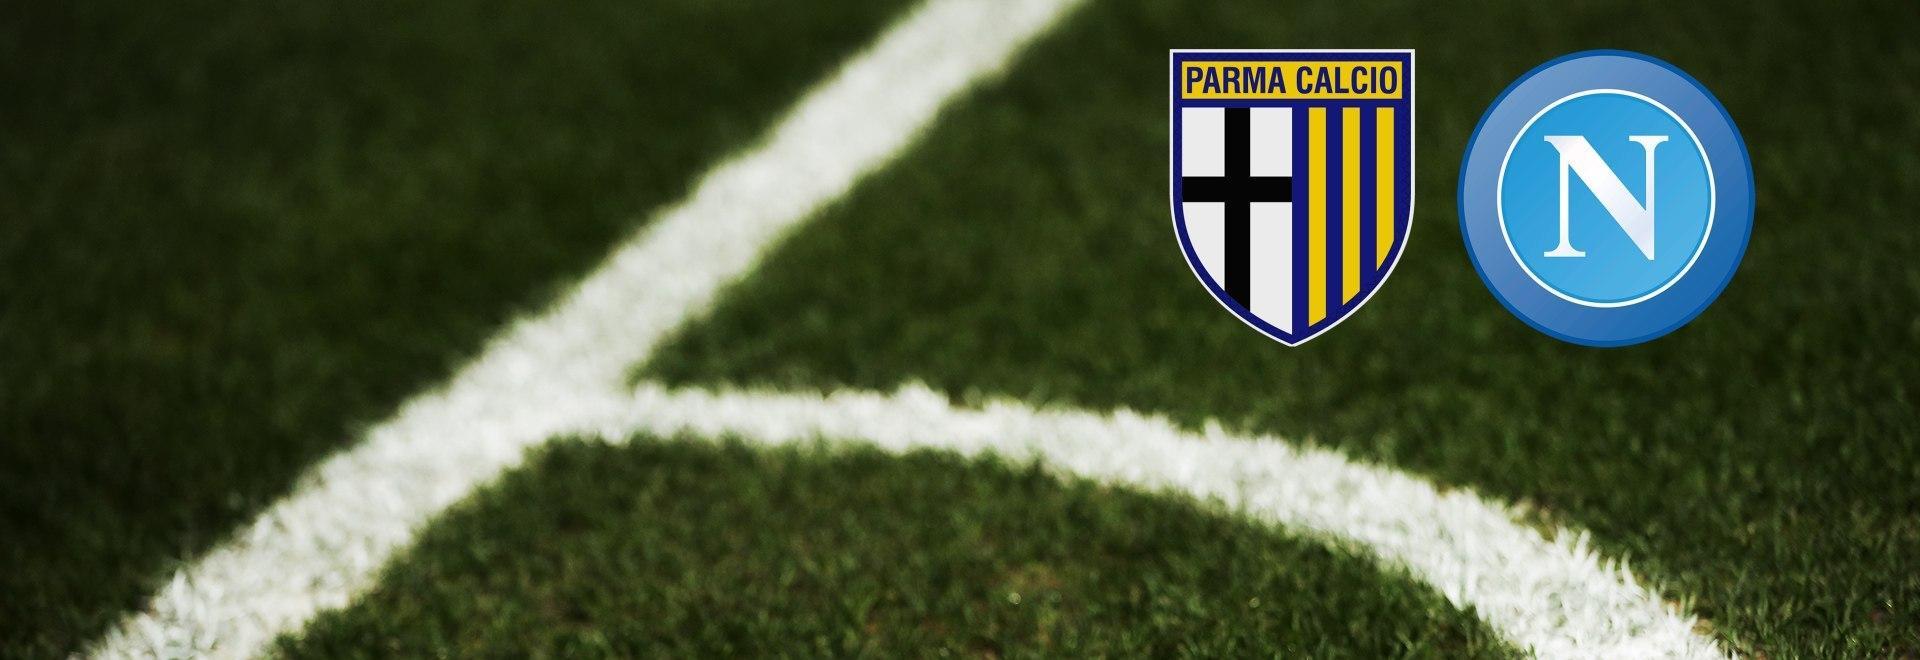 Parma - Napoli. 35a g.